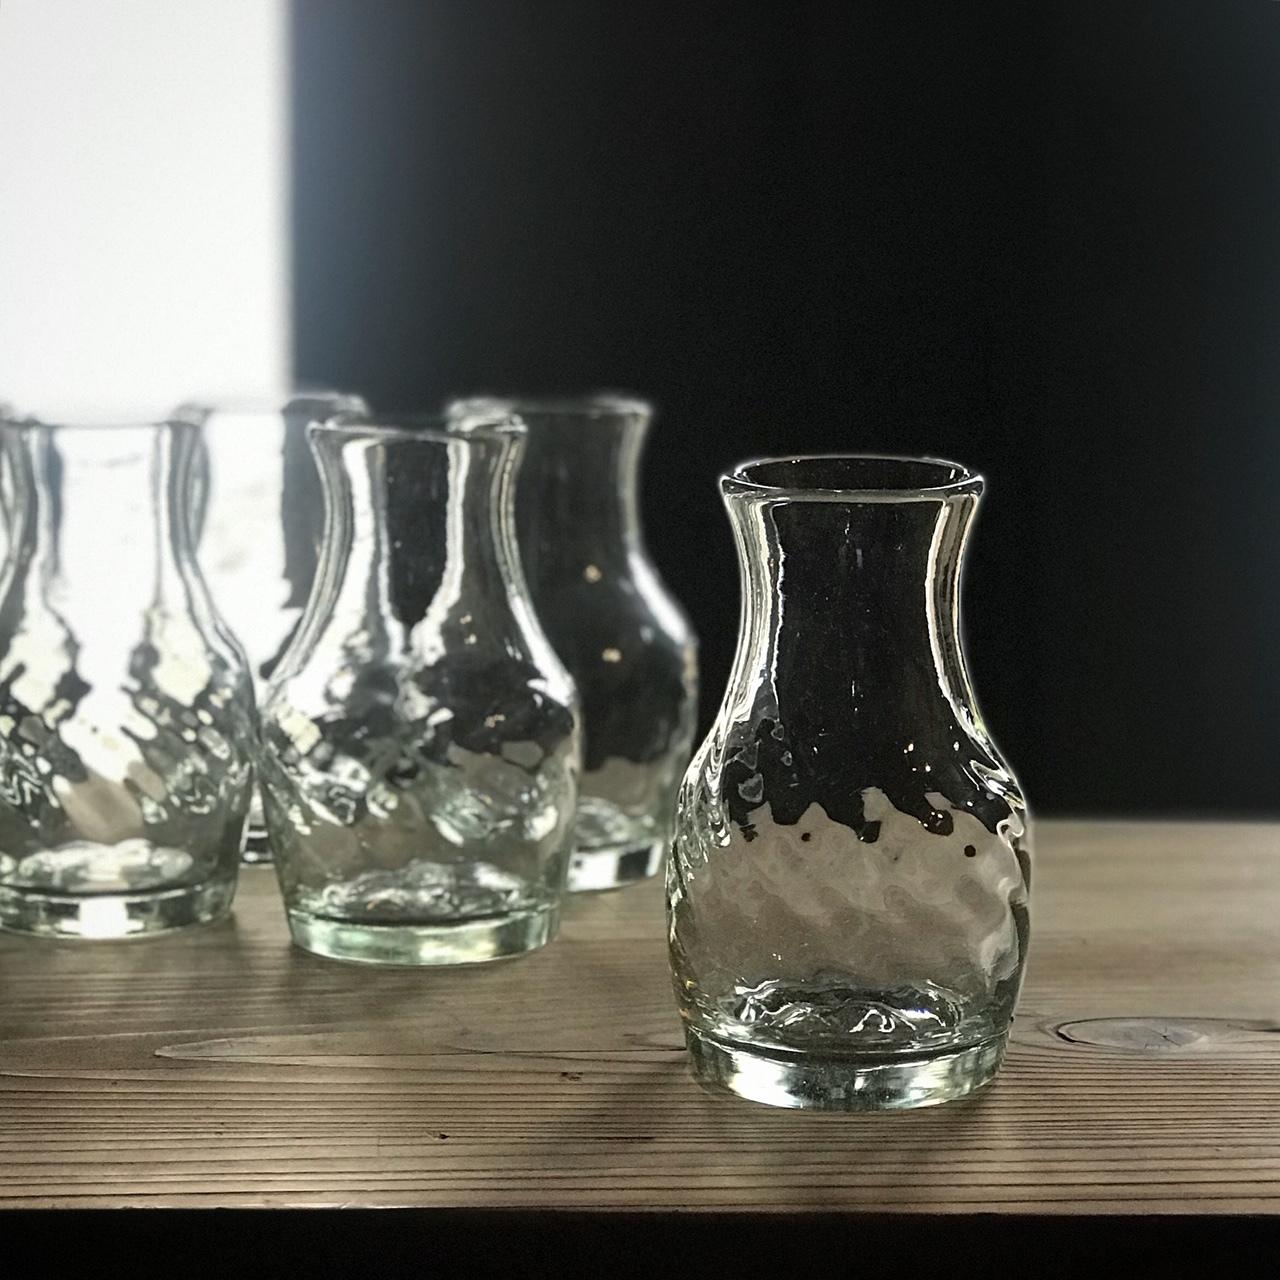 アンマー花瓶_a0162481_11330990.jpg